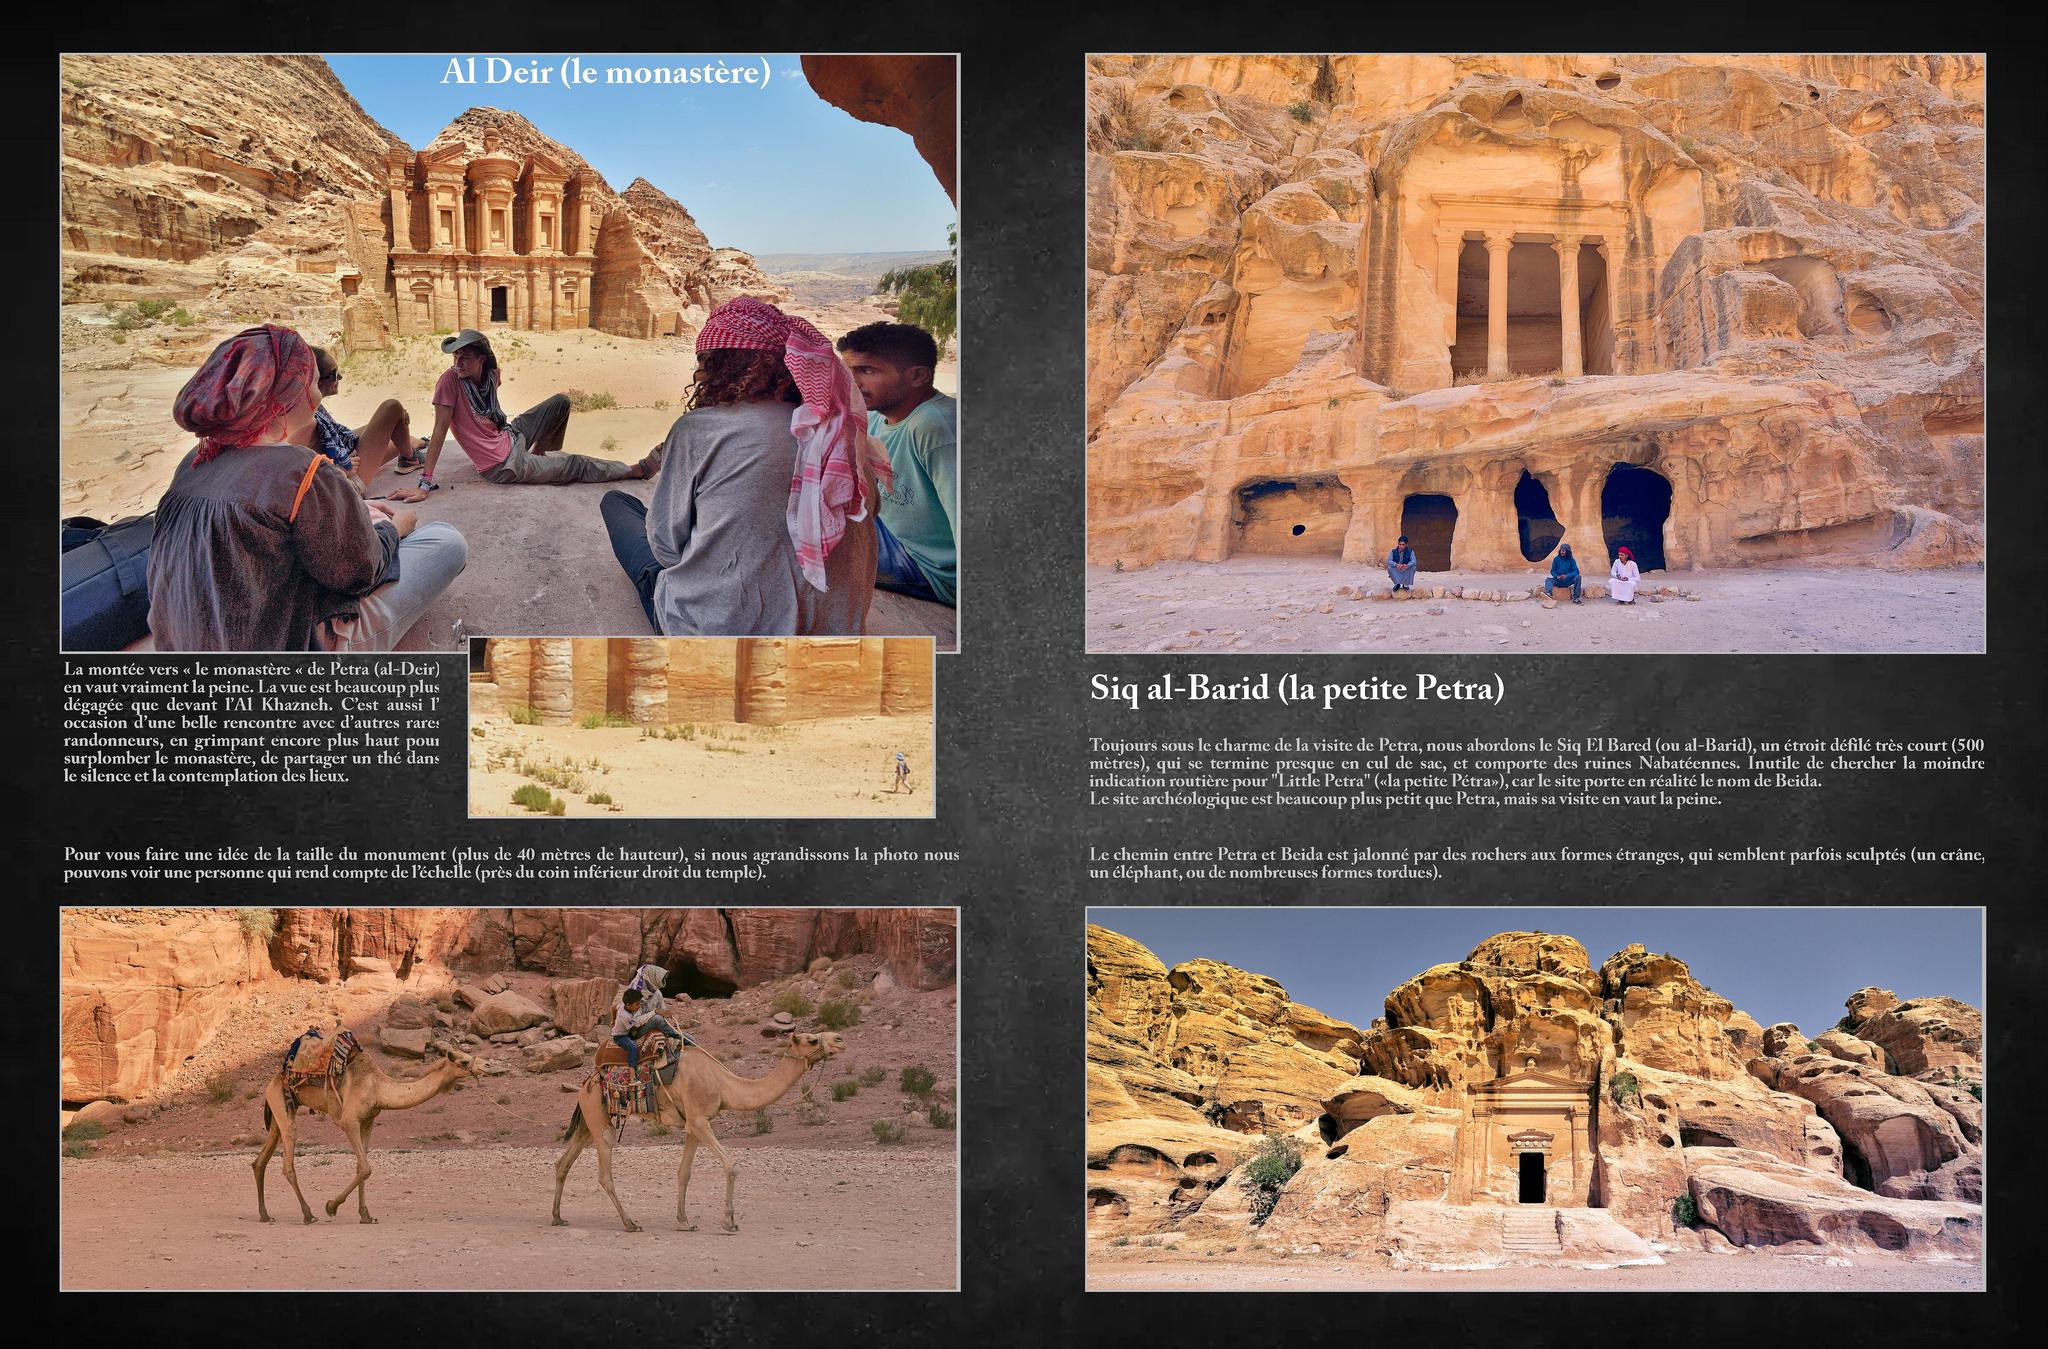 Livre 10 (2012-2017) - page 10 [Cliquez pour lancer le diaporama]